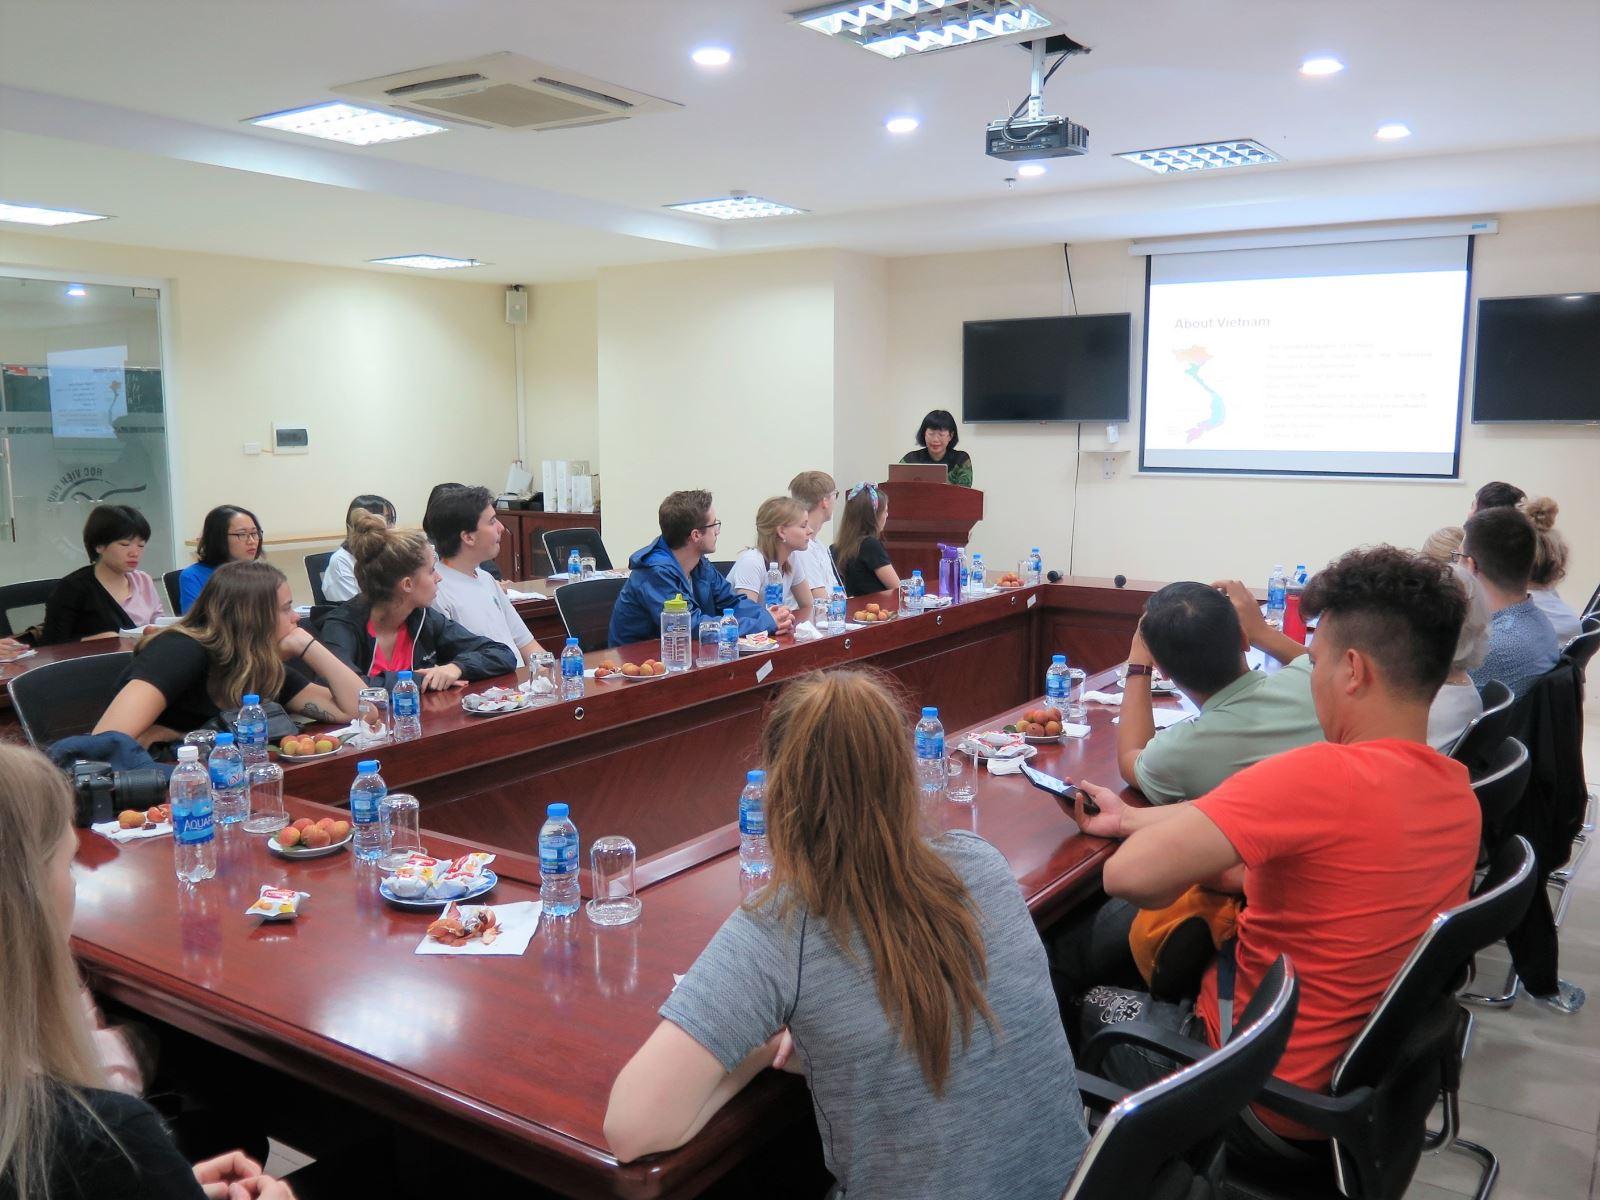 Học viện Phụ nữ Việt Nam giao lưu với đoàn đại biểu trường Cegep Limoilou, Canada